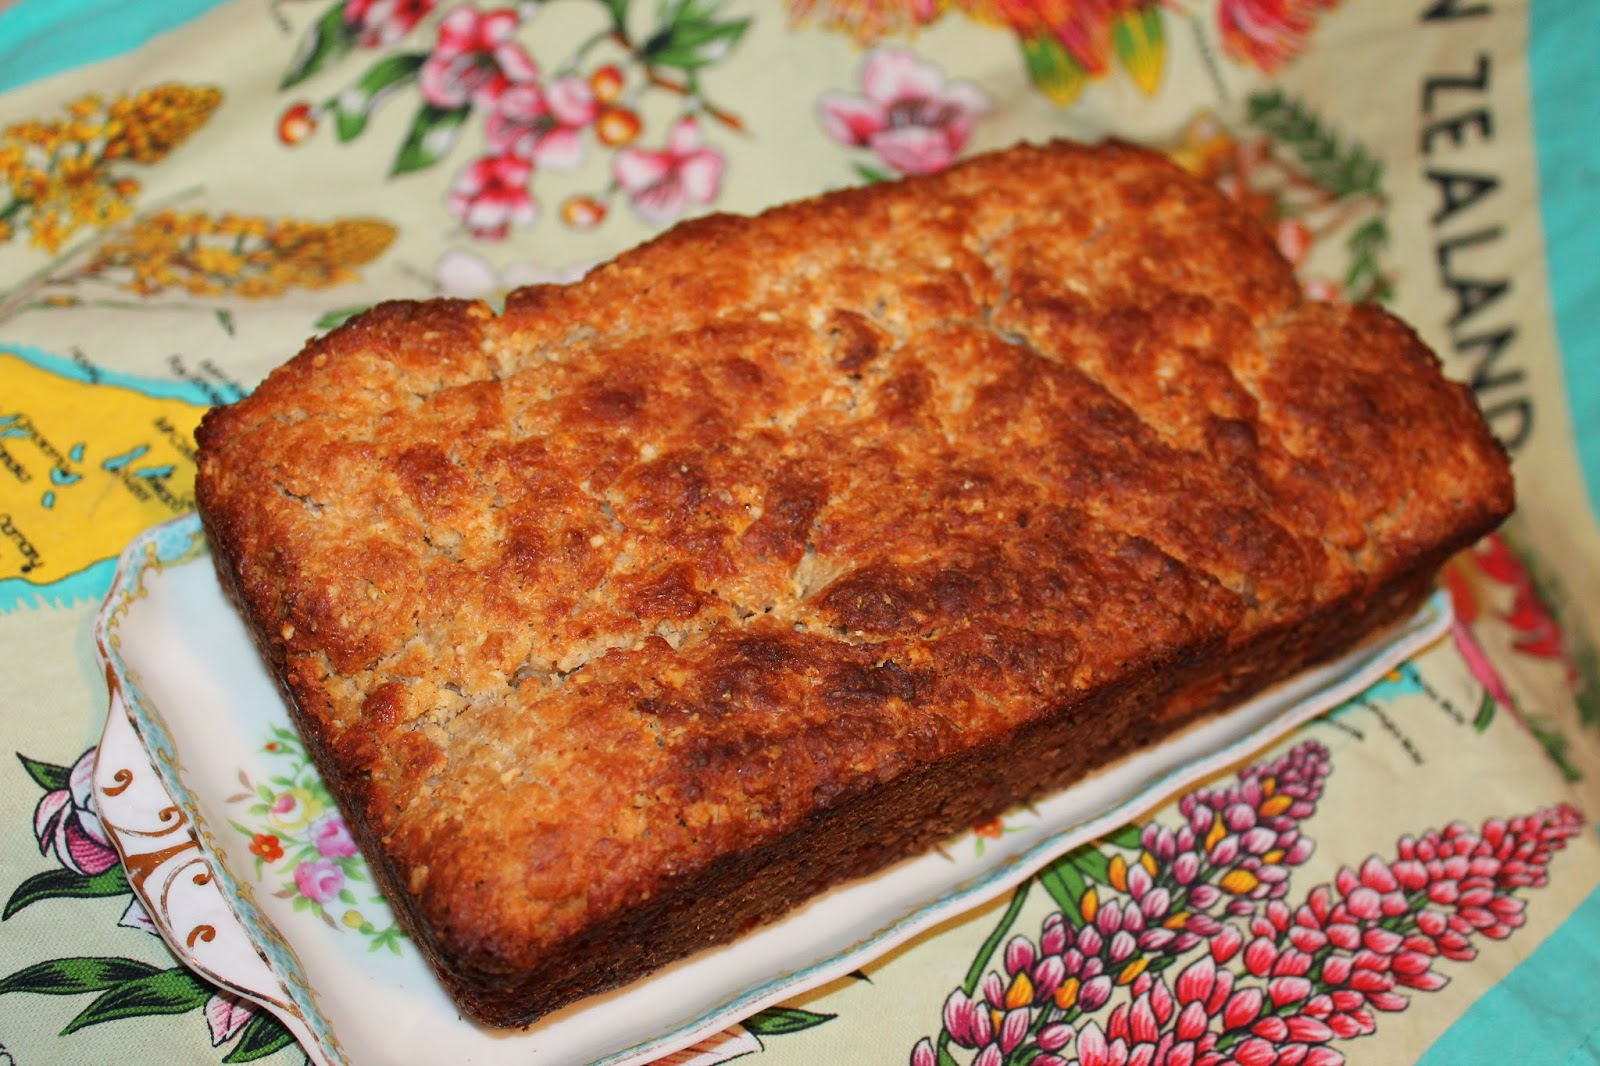 A little bit country: Easy little bread